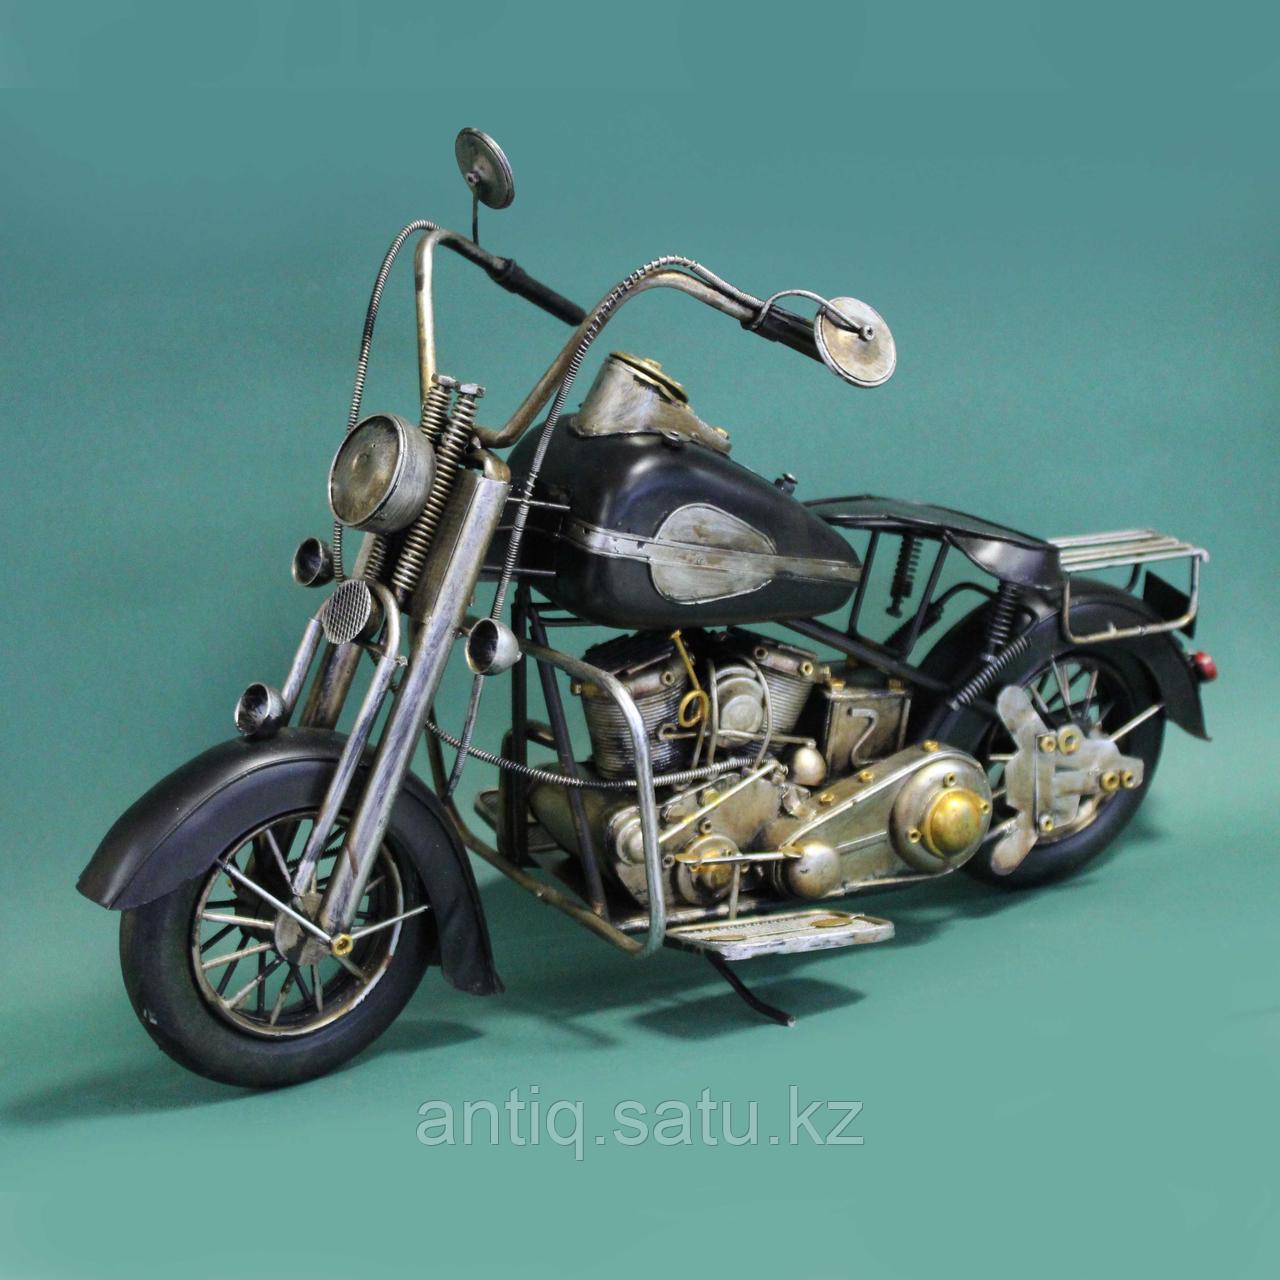 Античная классическая модель мотоцикла Ретро. Металл - фото 3